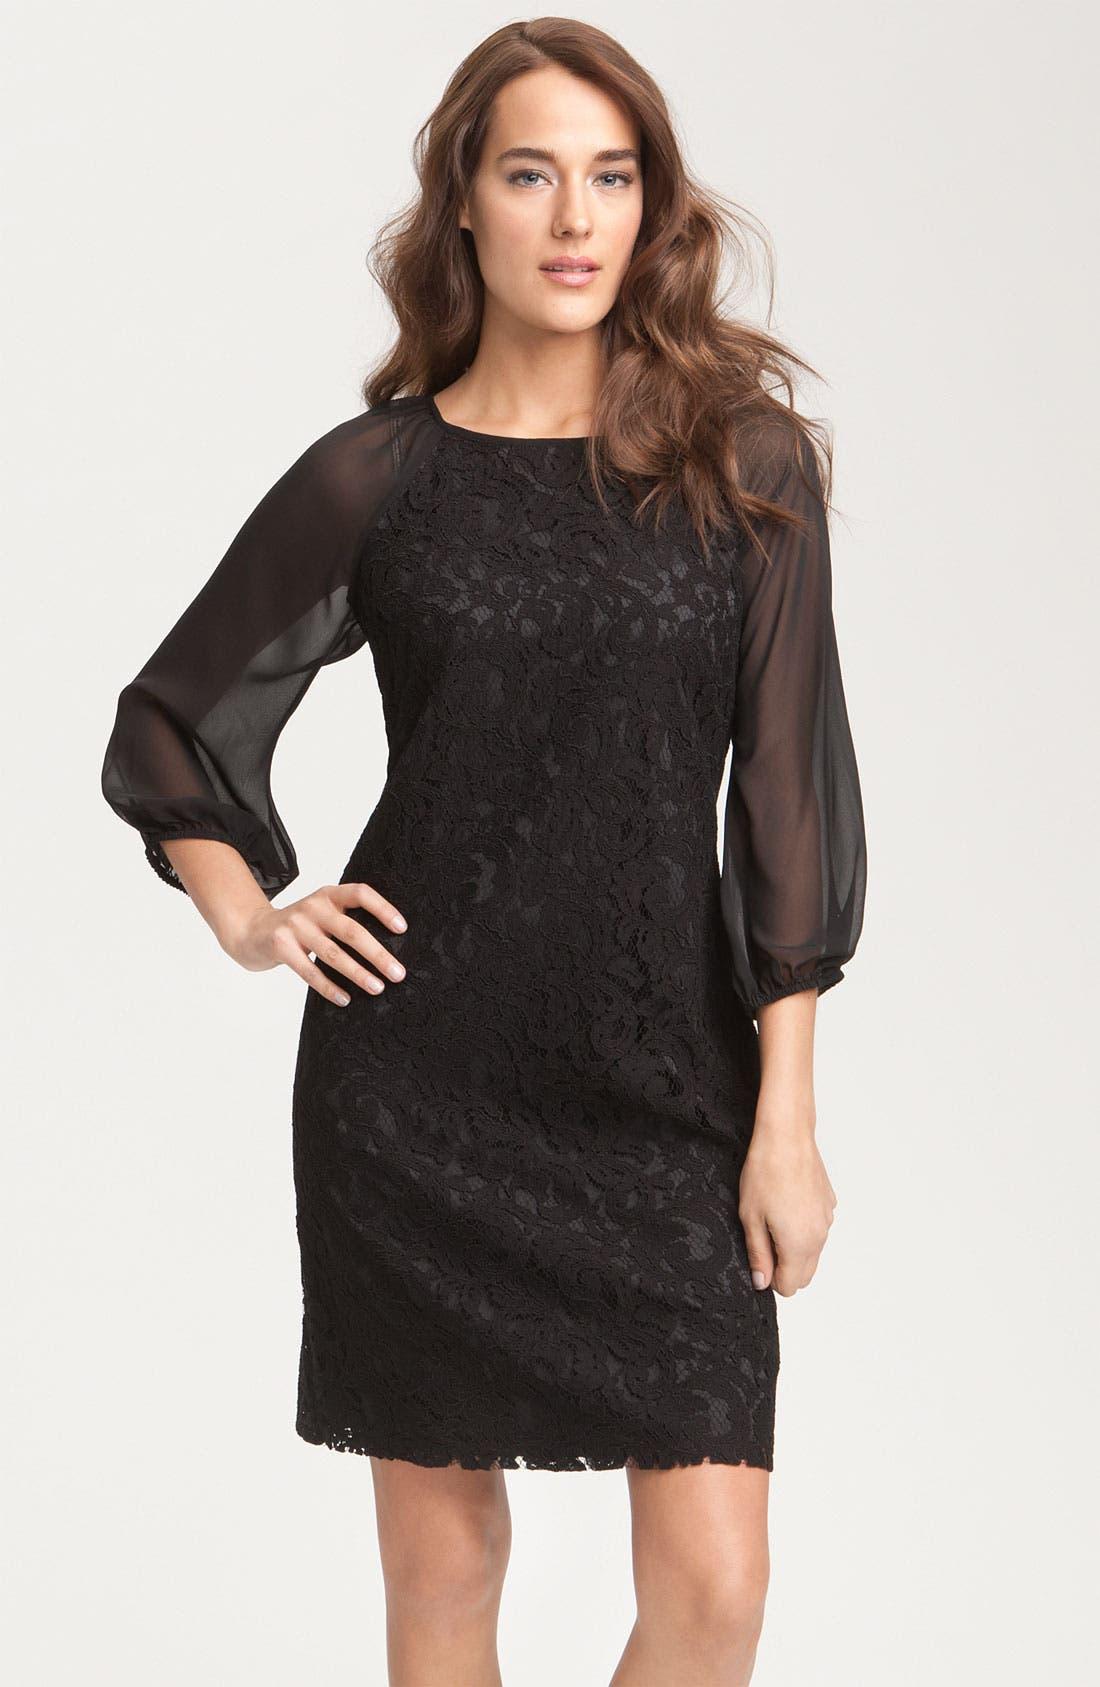 Alternate Image 1 Selected - Adrianna Papell Lace & Chiffon Shift Dress (Petite)